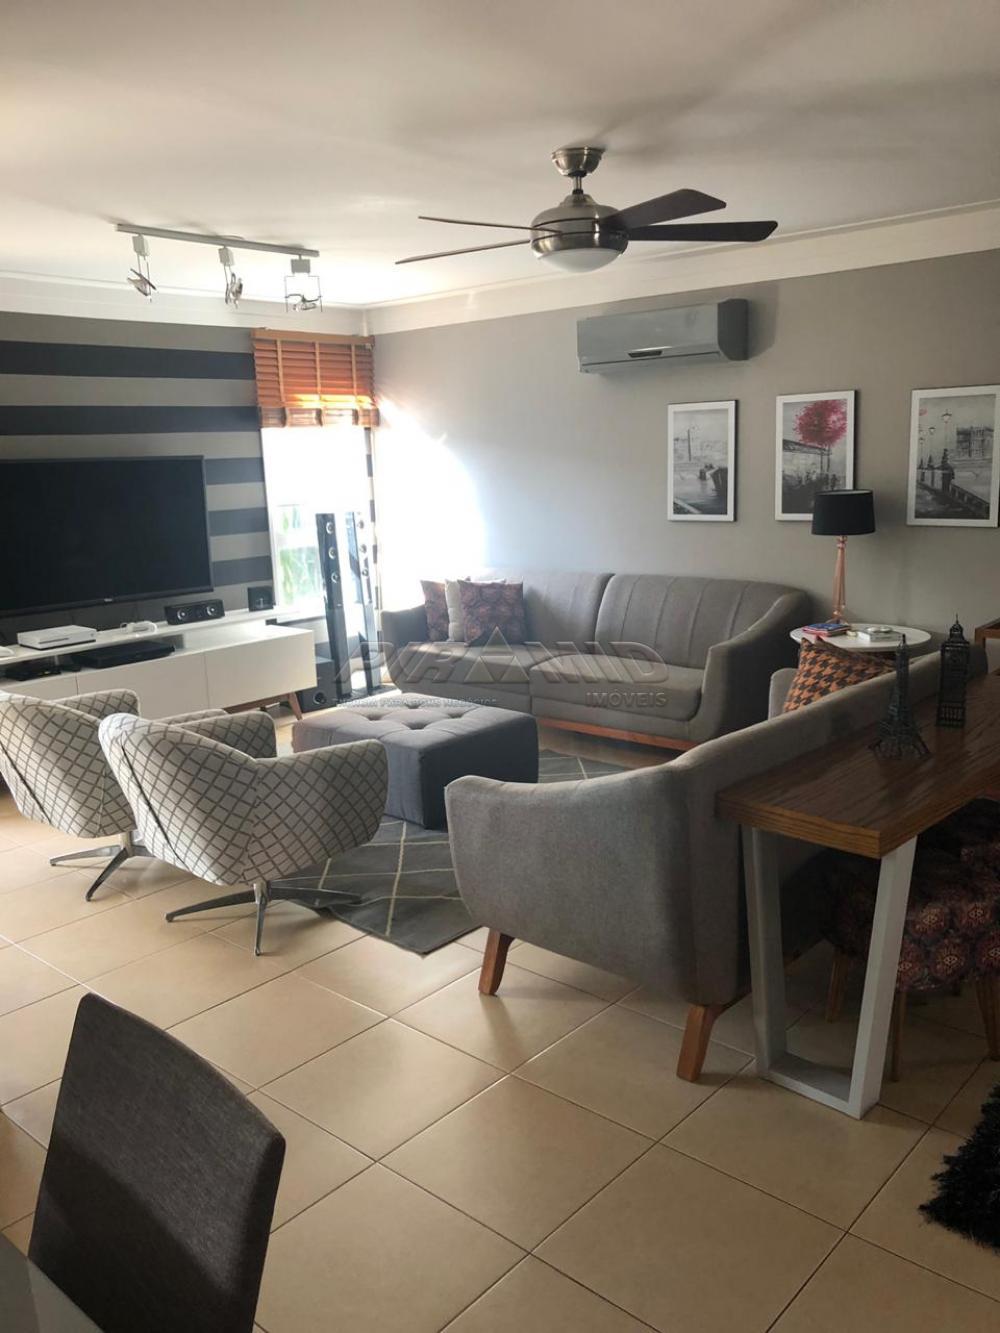 Comprar Casa / Condomínio em Ribeirão Preto apenas R$ 1.280.000,00 - Foto 4